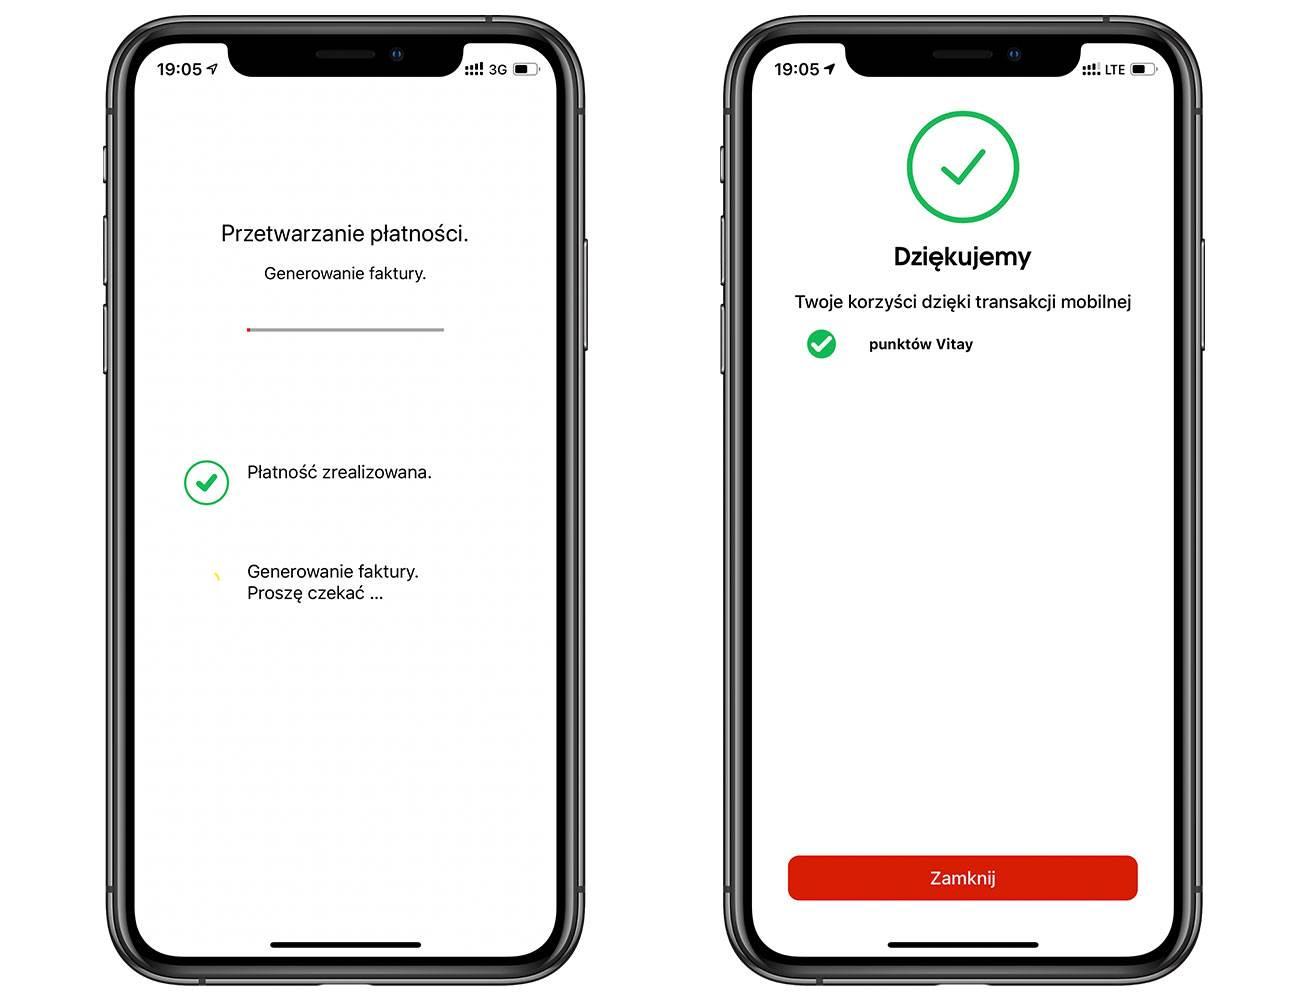 Apple Pay oficjalnie dostępne w aplikacji Orlen Pay polecane, ciekawostki zapłać iPhone za paliwo, płatności orlen, paliwo, Orlen Pay, orlen mobile, orlen, jak zapłacić za pomocą Orlen Pay, jak zapłacić iPhone za paliwo, jak płacić telefonem na orlen, iOS, face ID, download, Apple Pay w Orlen Pay, Apple Pay, Apple, App Store, Aplikacja, Android  W najnowszej wersji Orlen Pay, czyli w aplikacji, która pozwala zapłacić za paliwo bezpośrednio przy dystrybutorze wreszcie pojawiło się Apple Pay. OrlenPay1